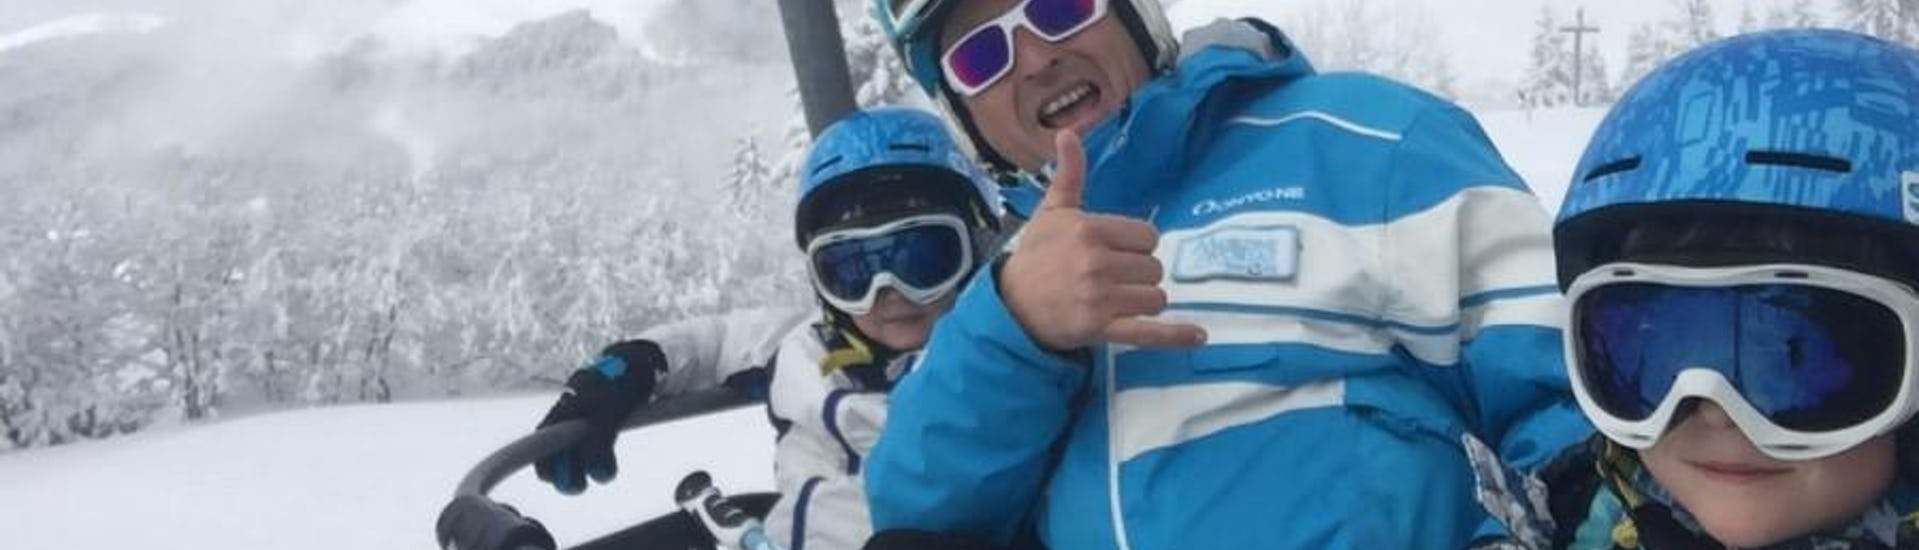 Deux enfants avec leur moniteur de ski de l'école de ski ESI Easy2Ride Morzine sourient à l'appareil photo tandis qu'ils empruntent les remontées mécaniques pour rejoindre leur Cours particulier de ski pour Enfants - Basse saison.